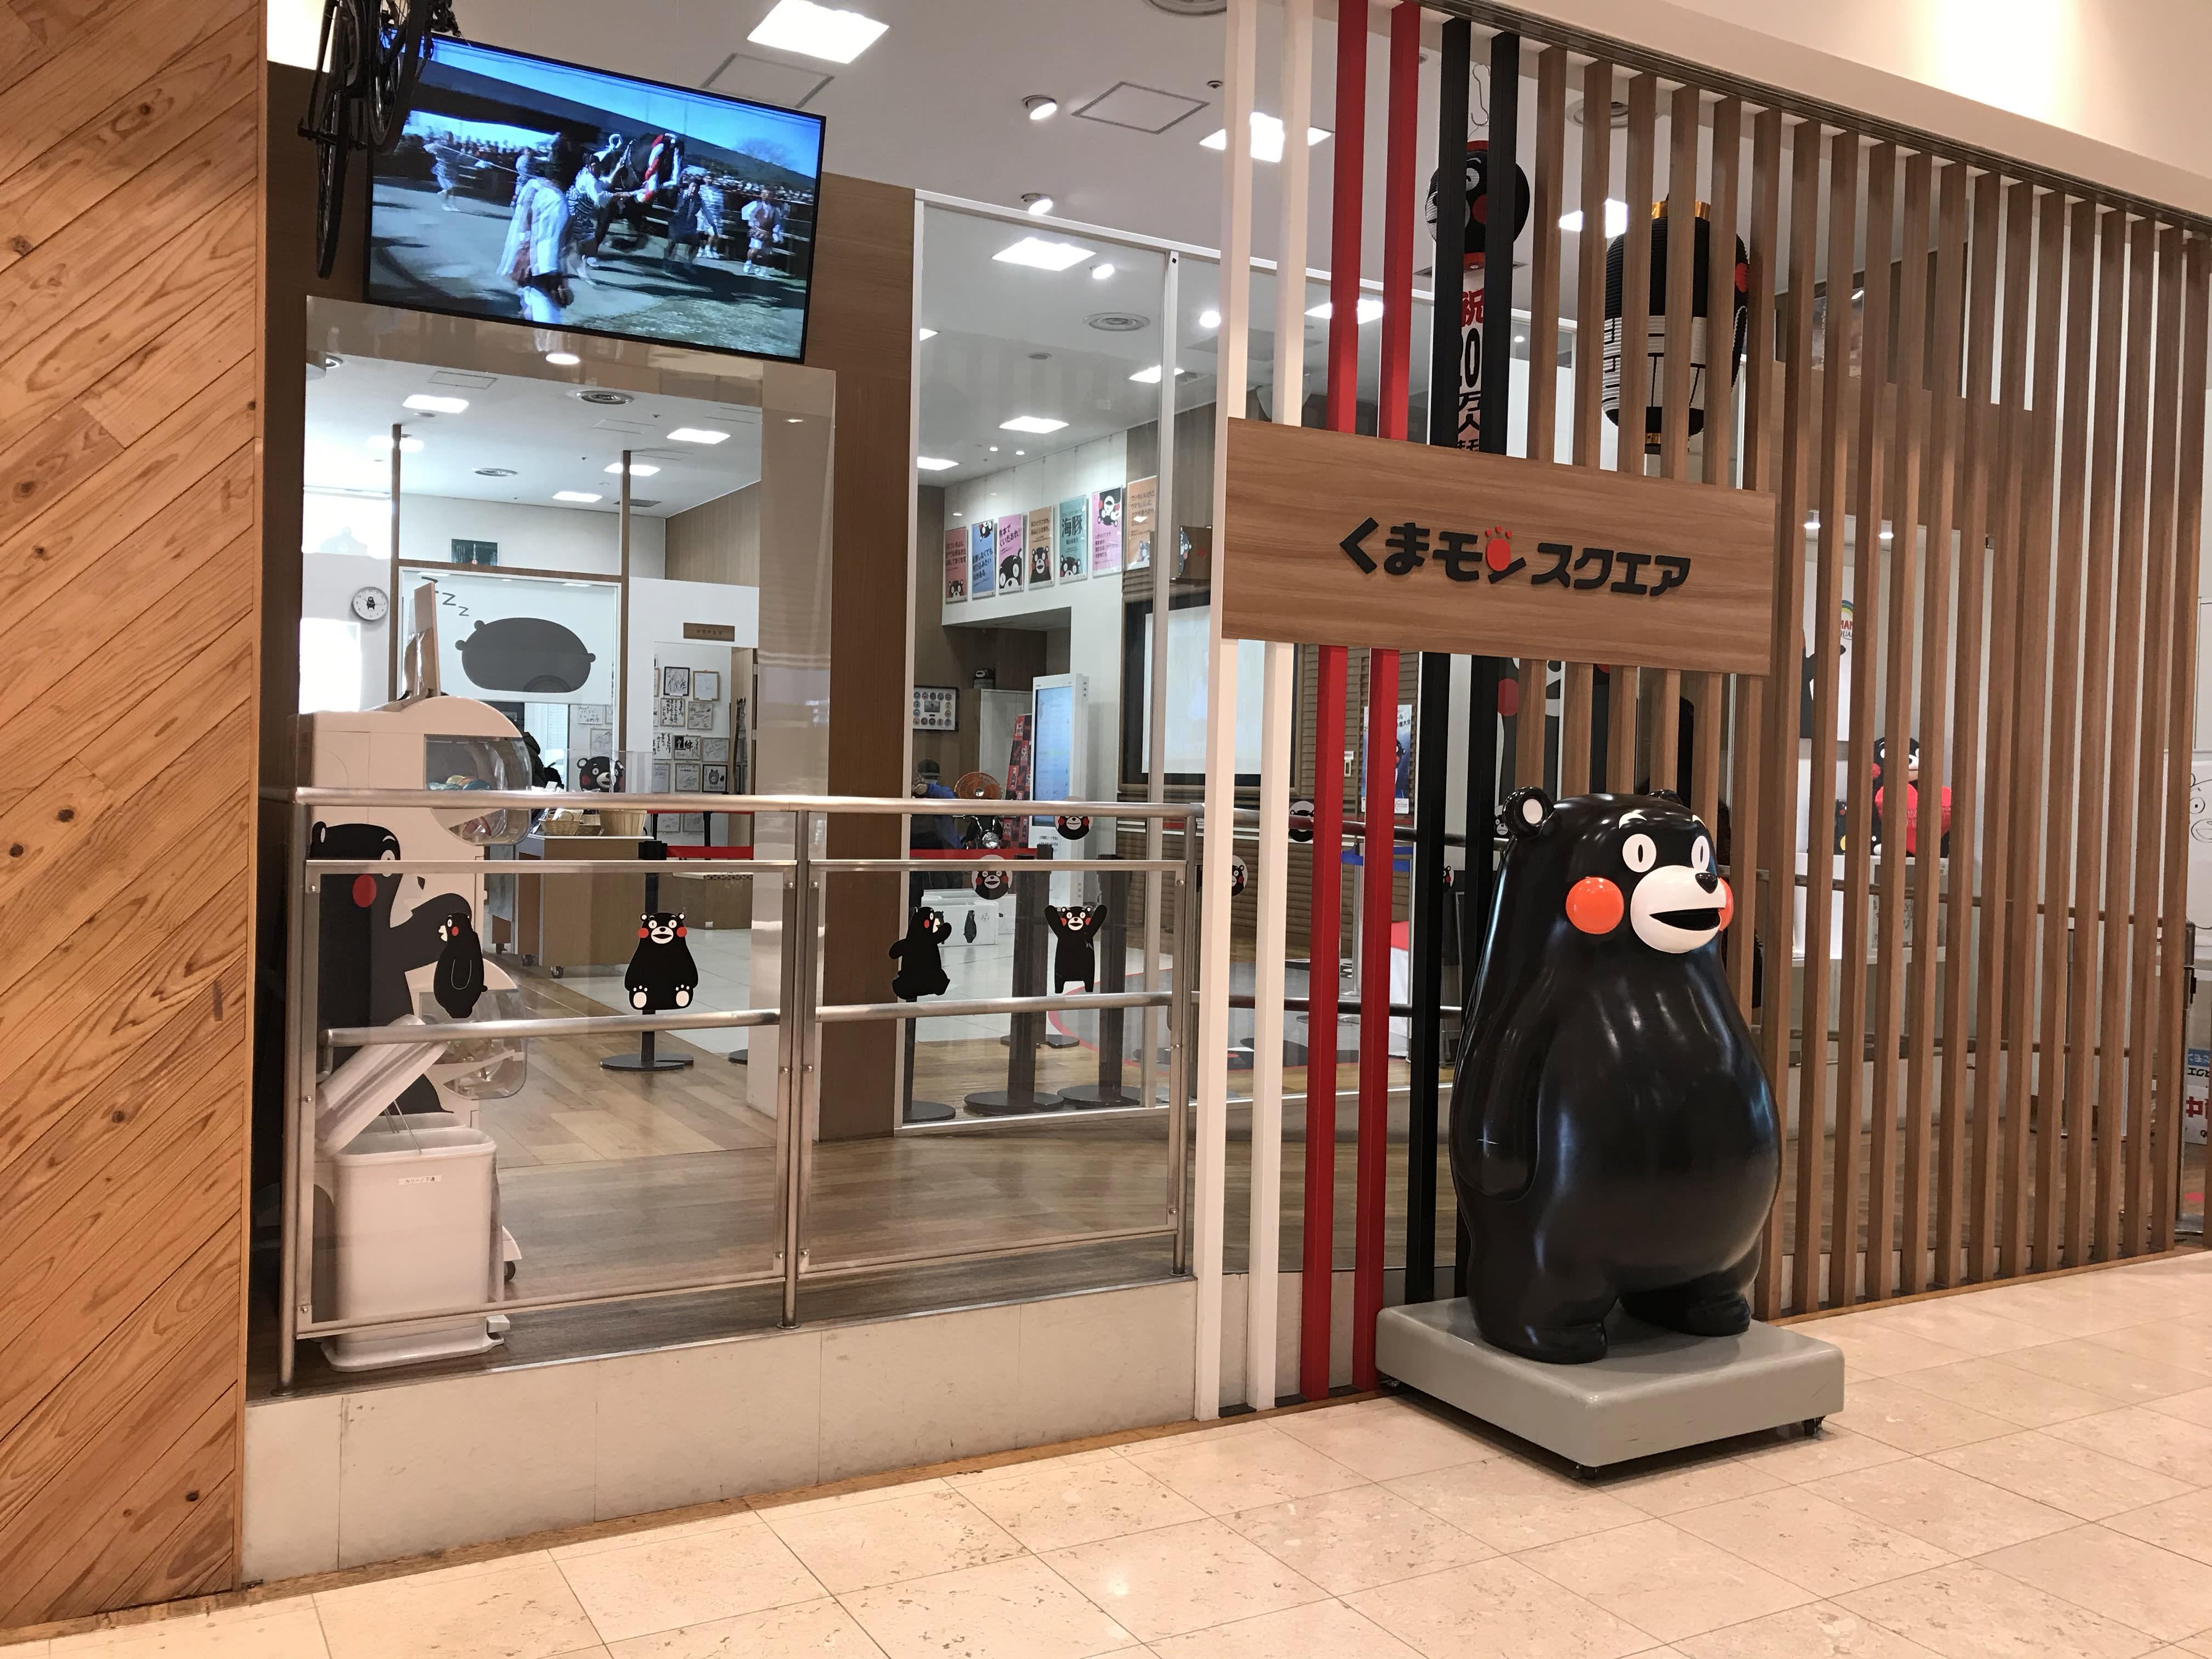 熊本部長辦公室位於鶴屋百貨的一樓。PHOTO:Vera